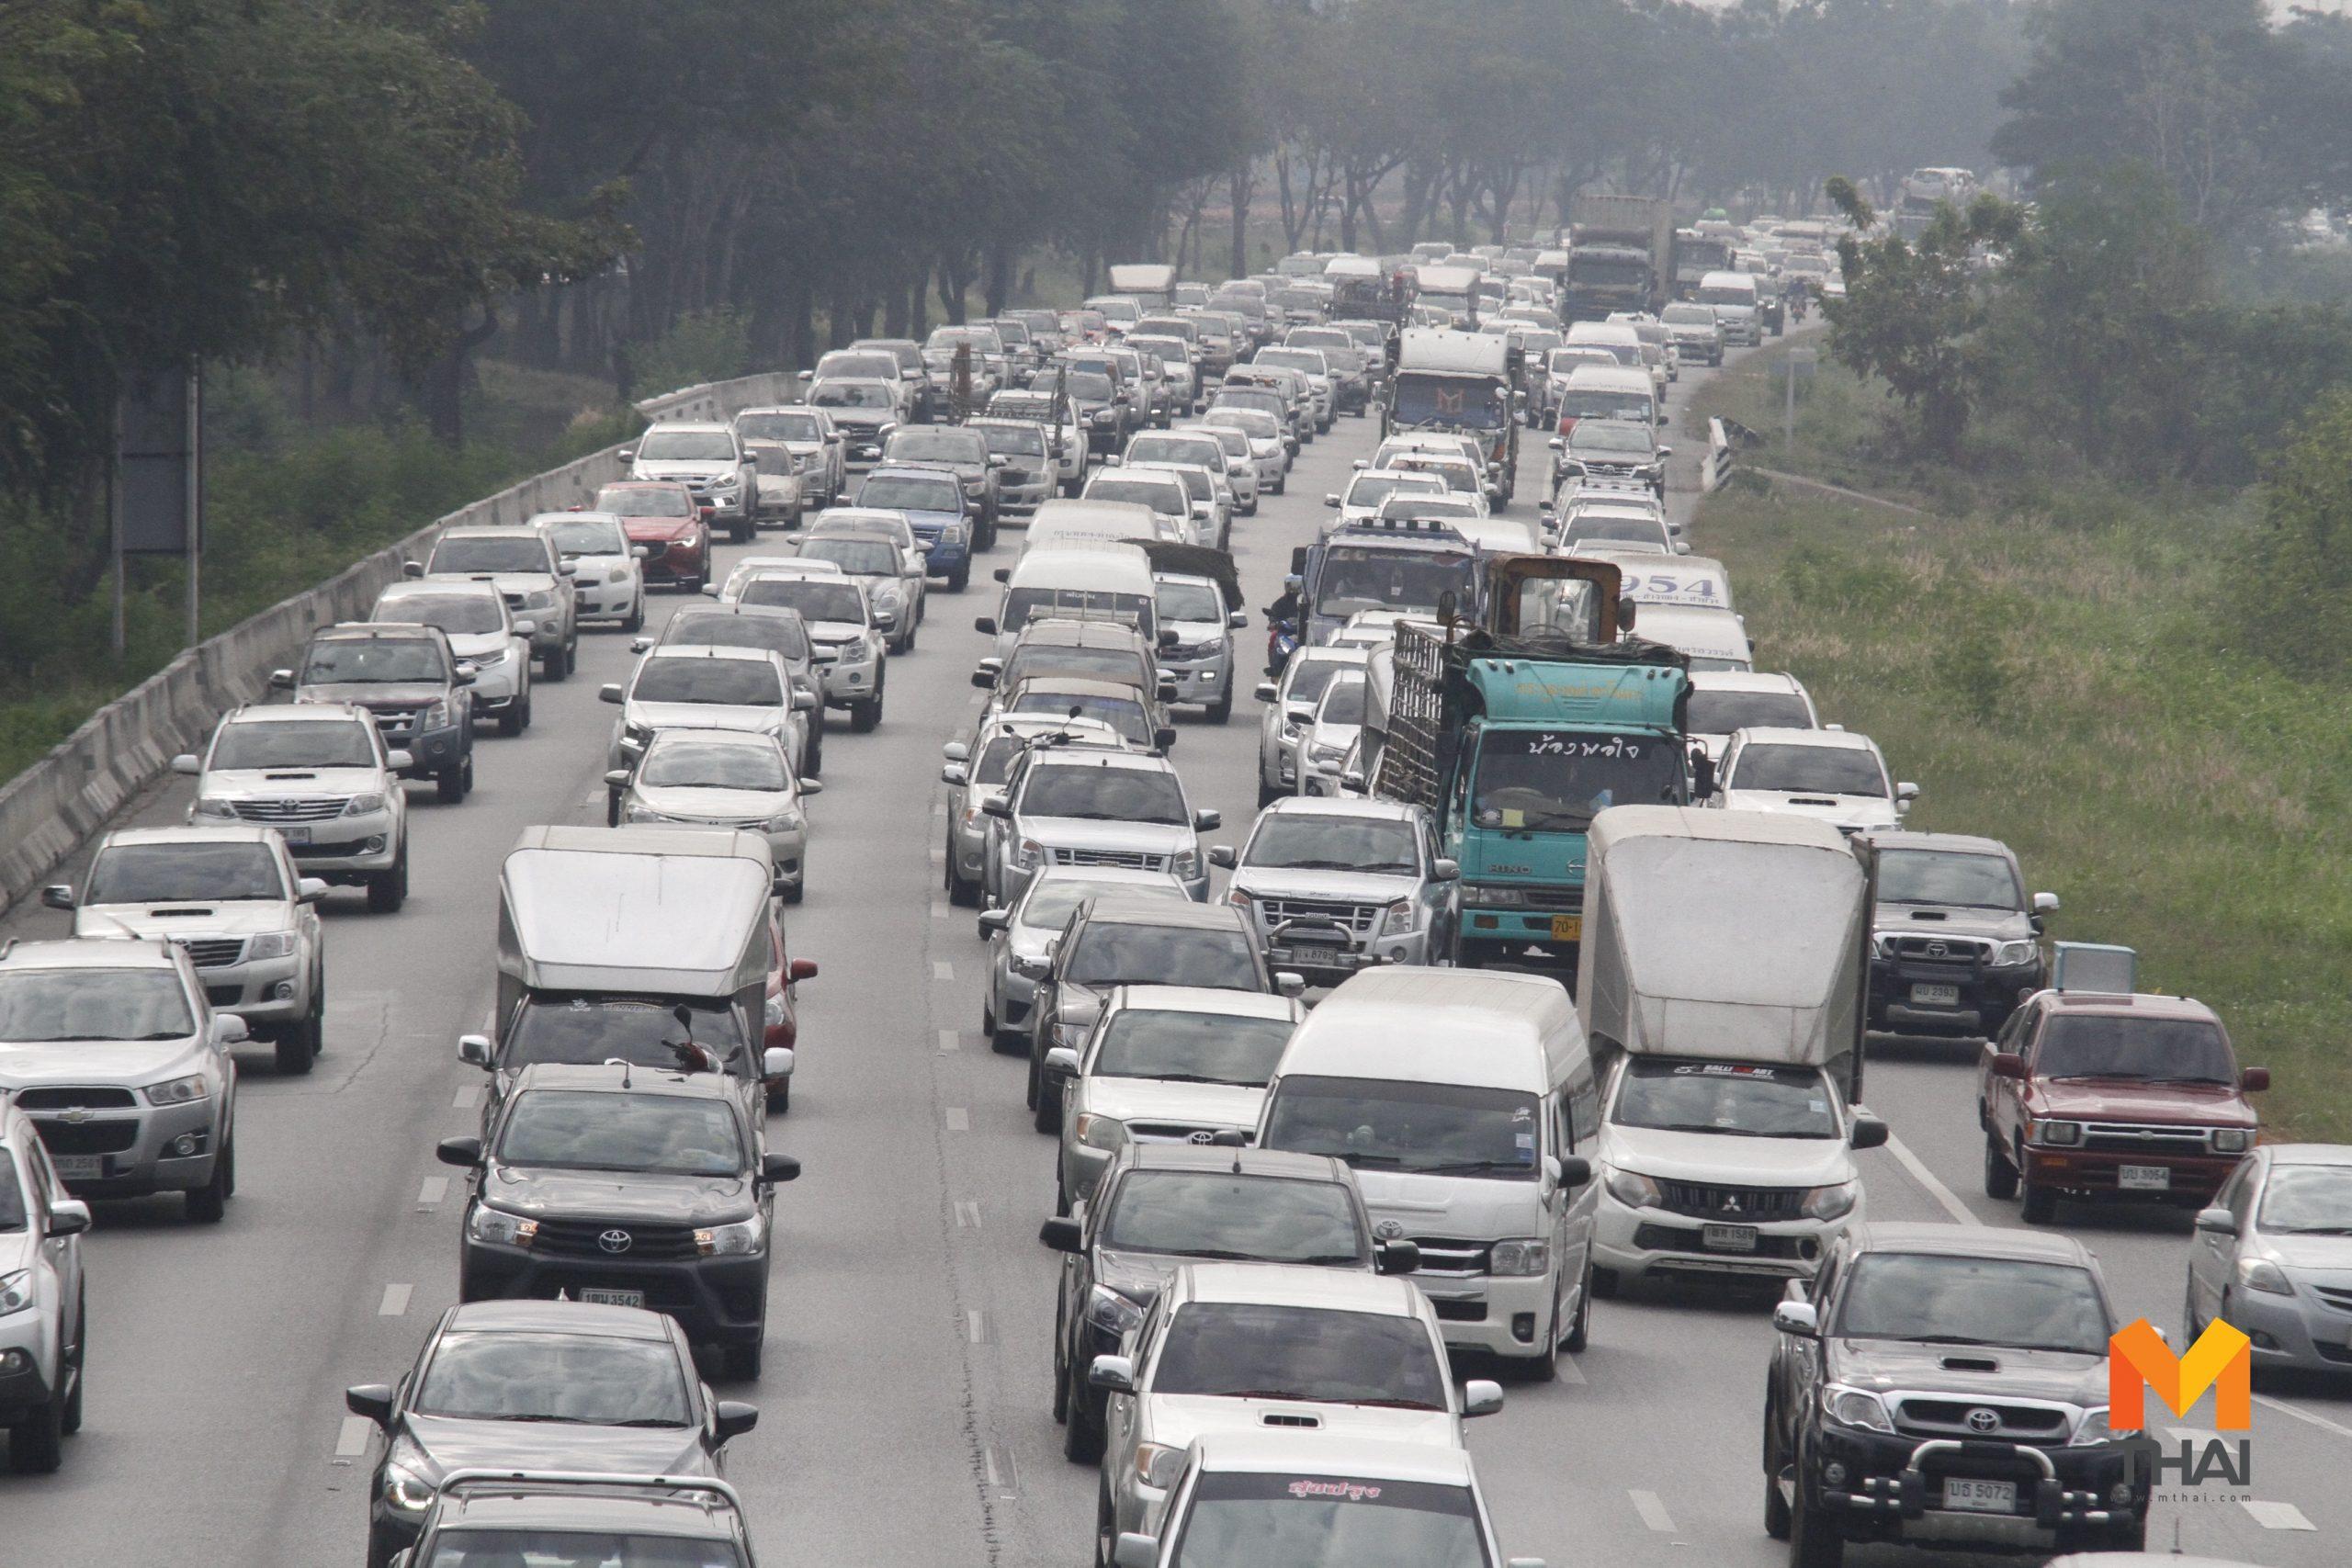 จ่อออกกฎ ห้ามนำเข้ารถมือสองจากนอก หวังป้องกันปัญหามลพิษ